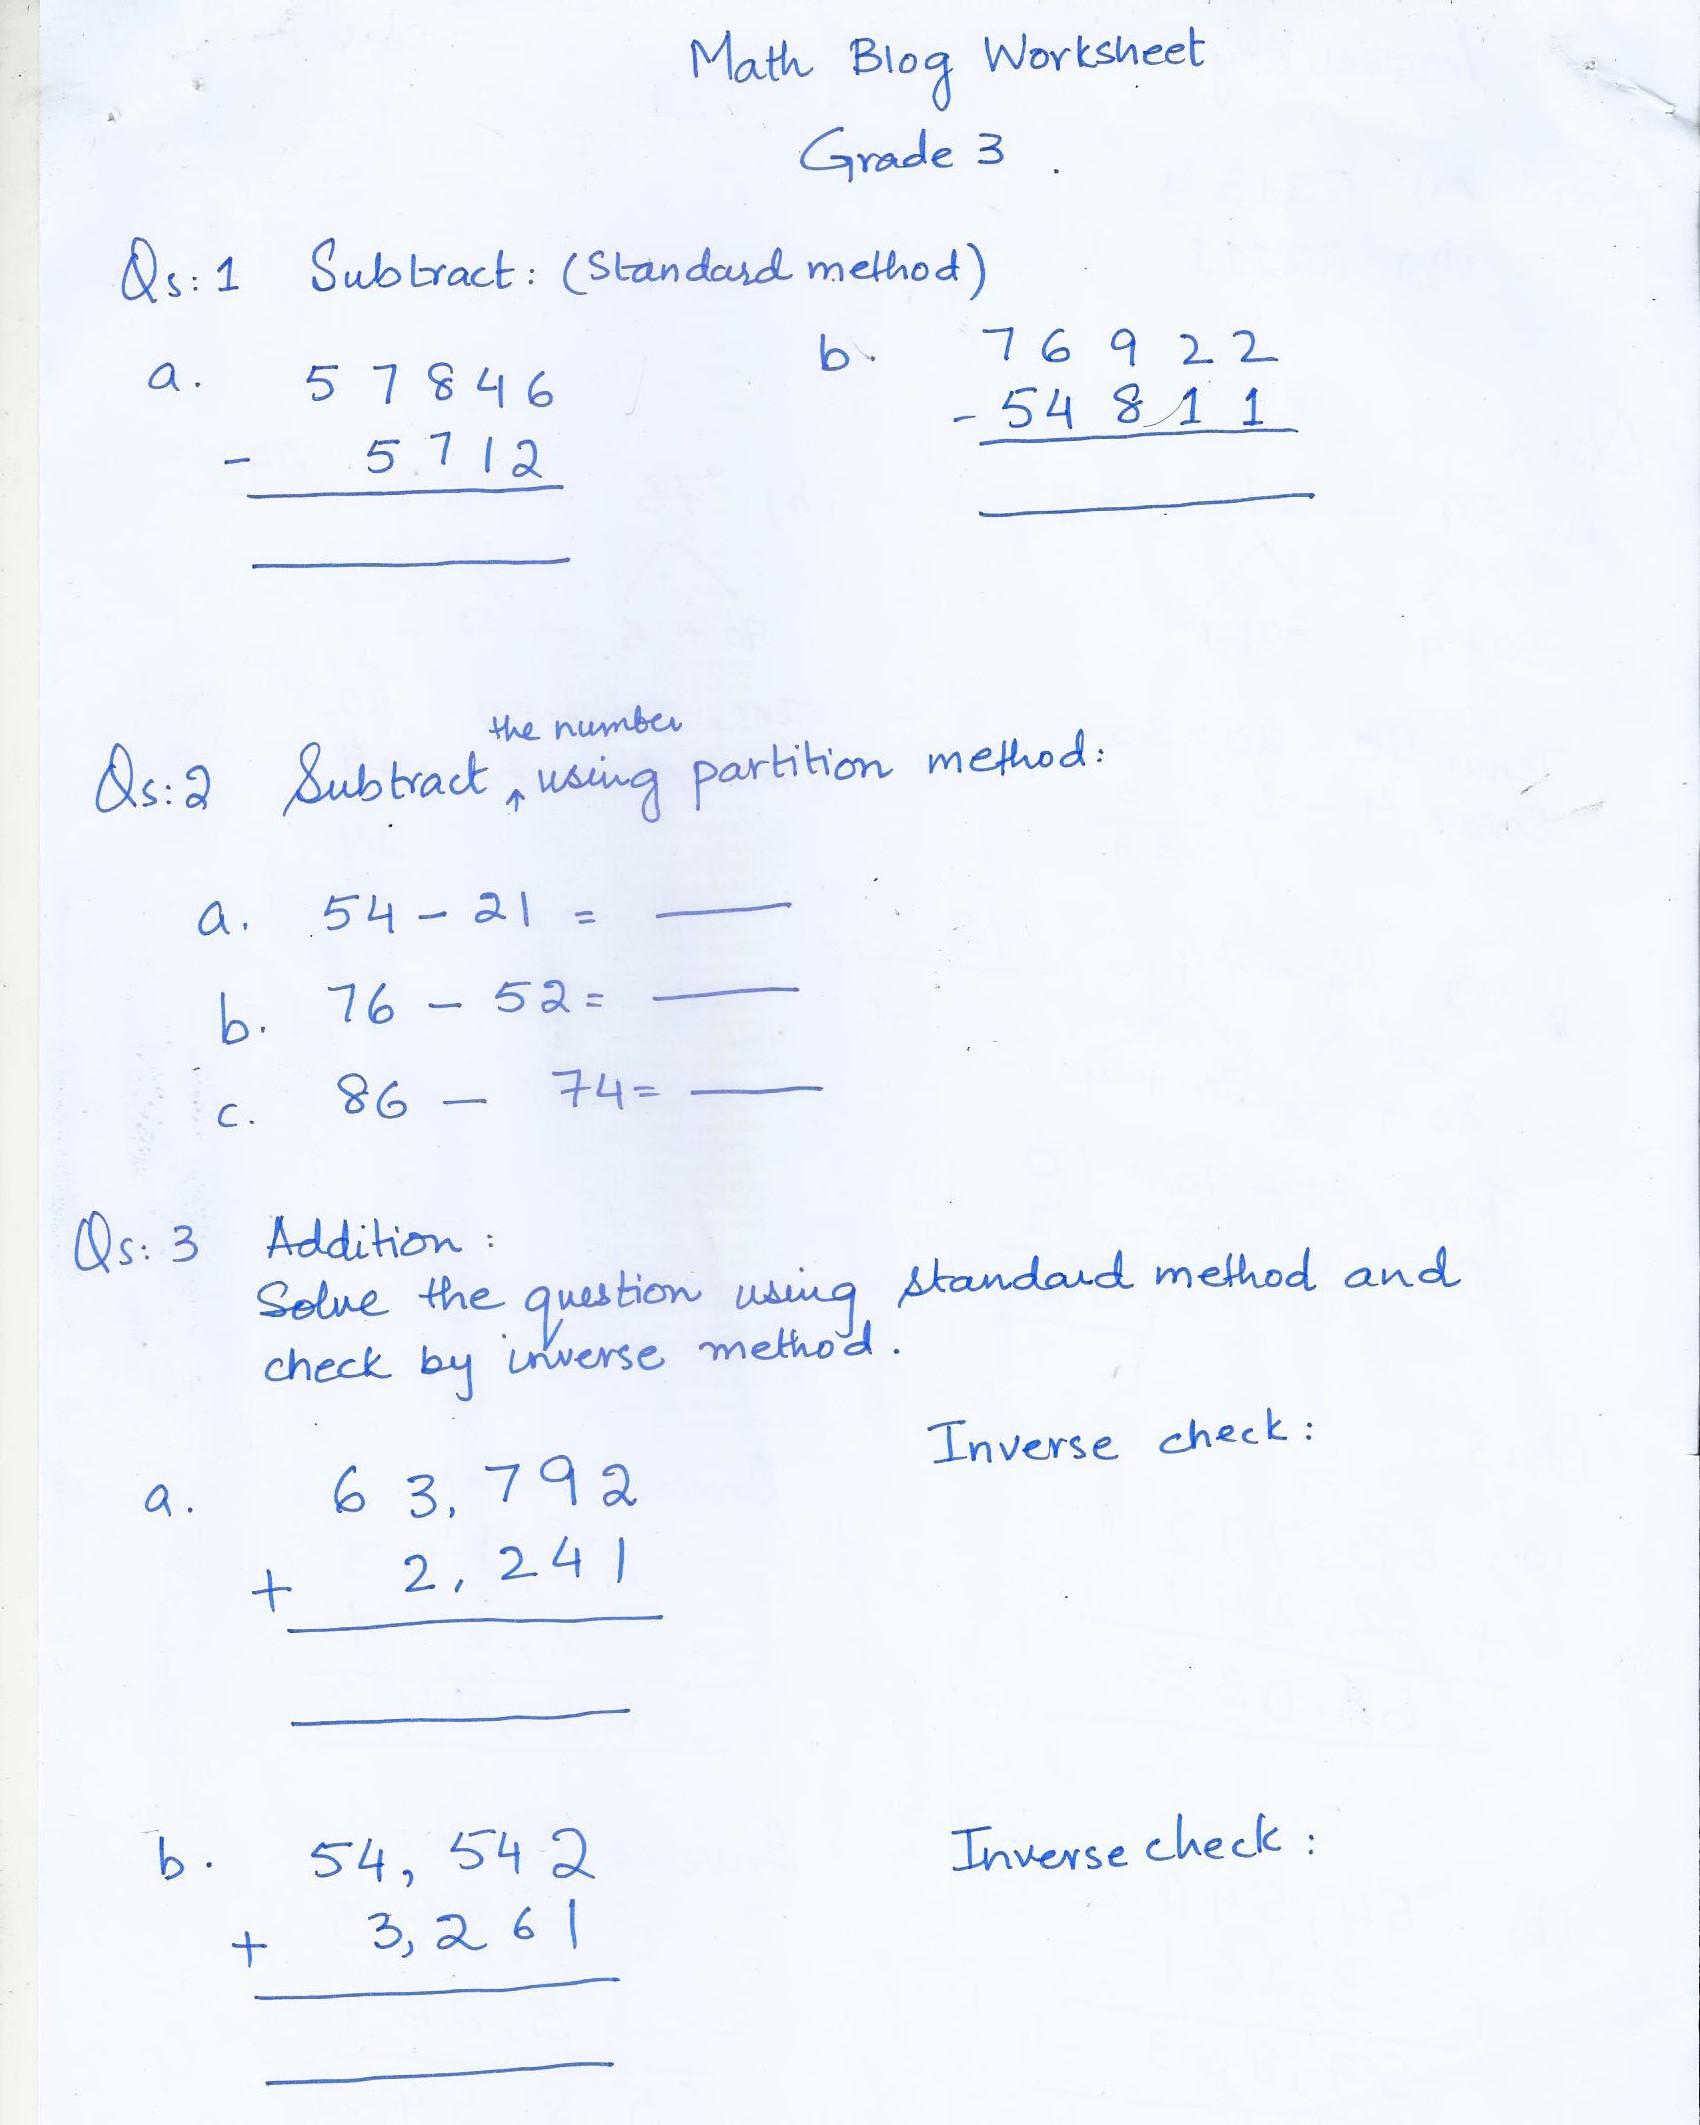 Math Blog Worksheet Class 3